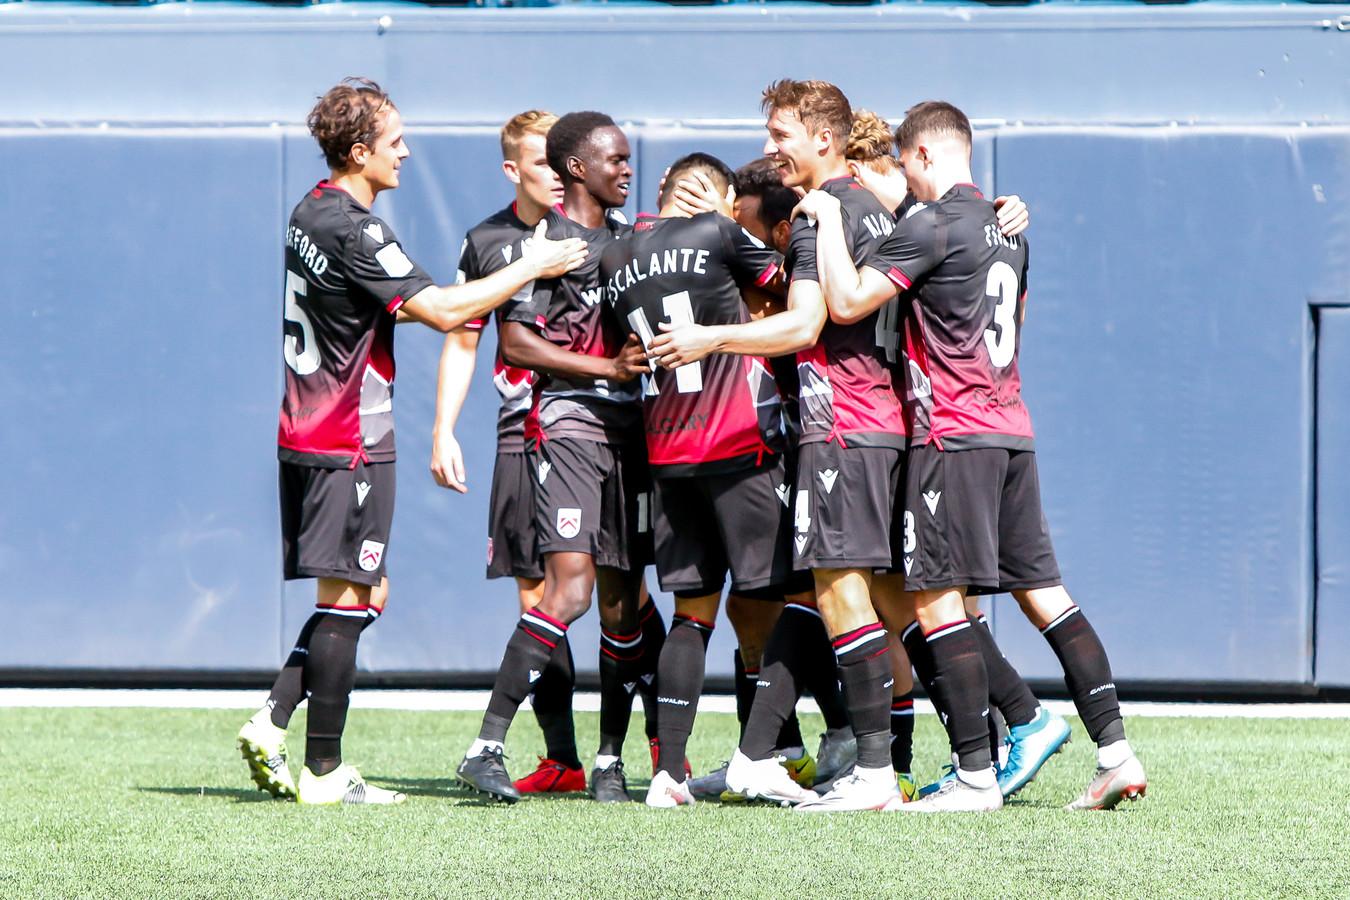 Daan Klomp (derde van rechts) viert de 1-0 van Cavalry FC in het openingsduel met York United FC.